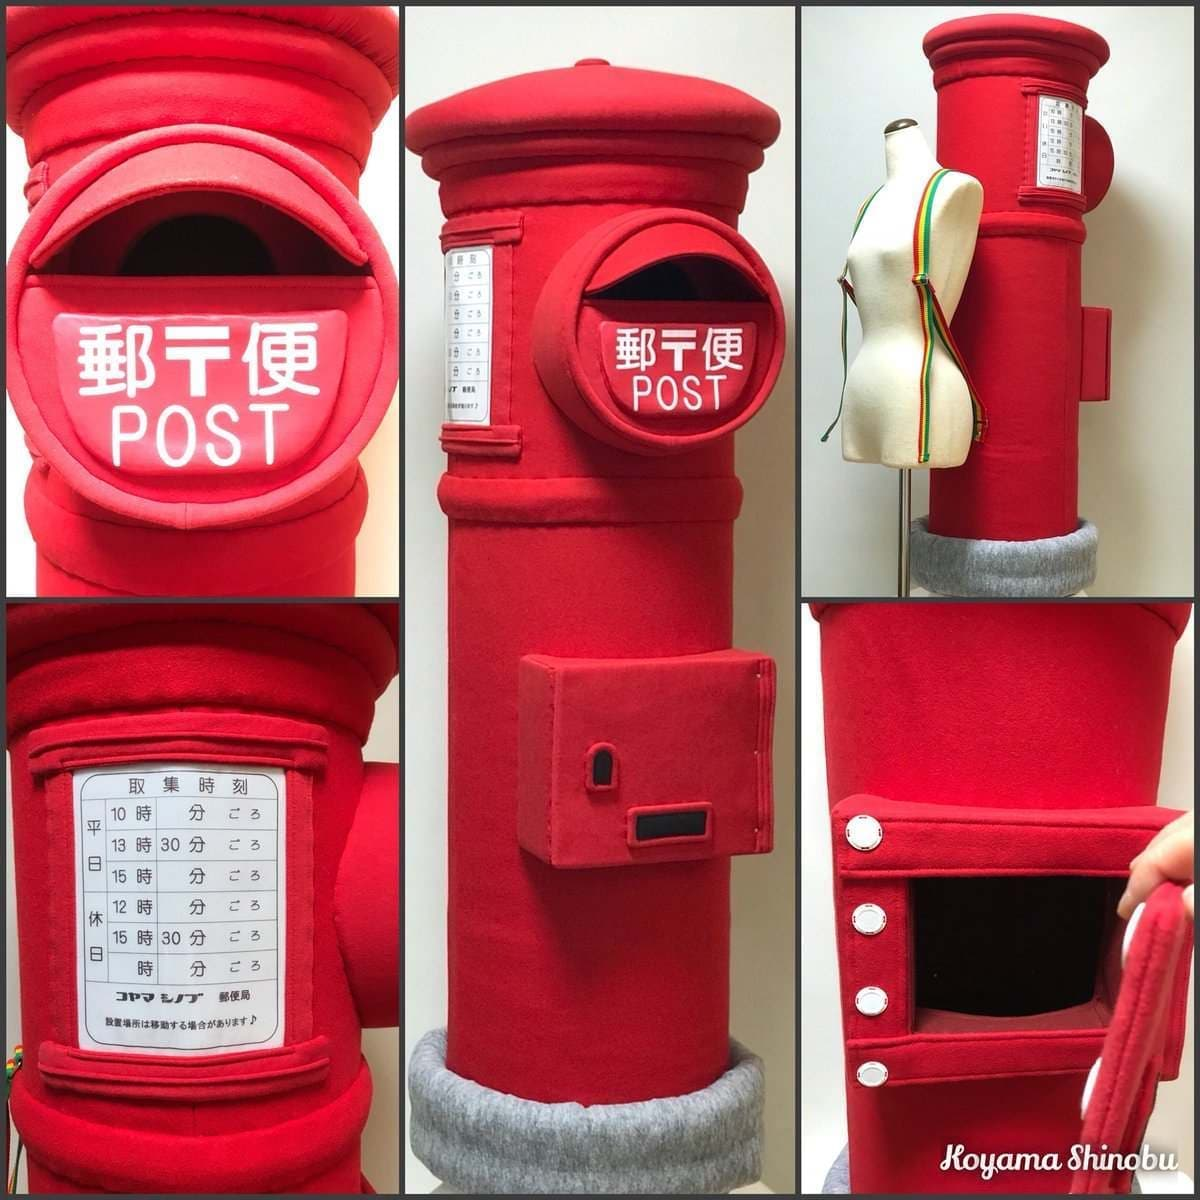 ポスト 場所 郵便